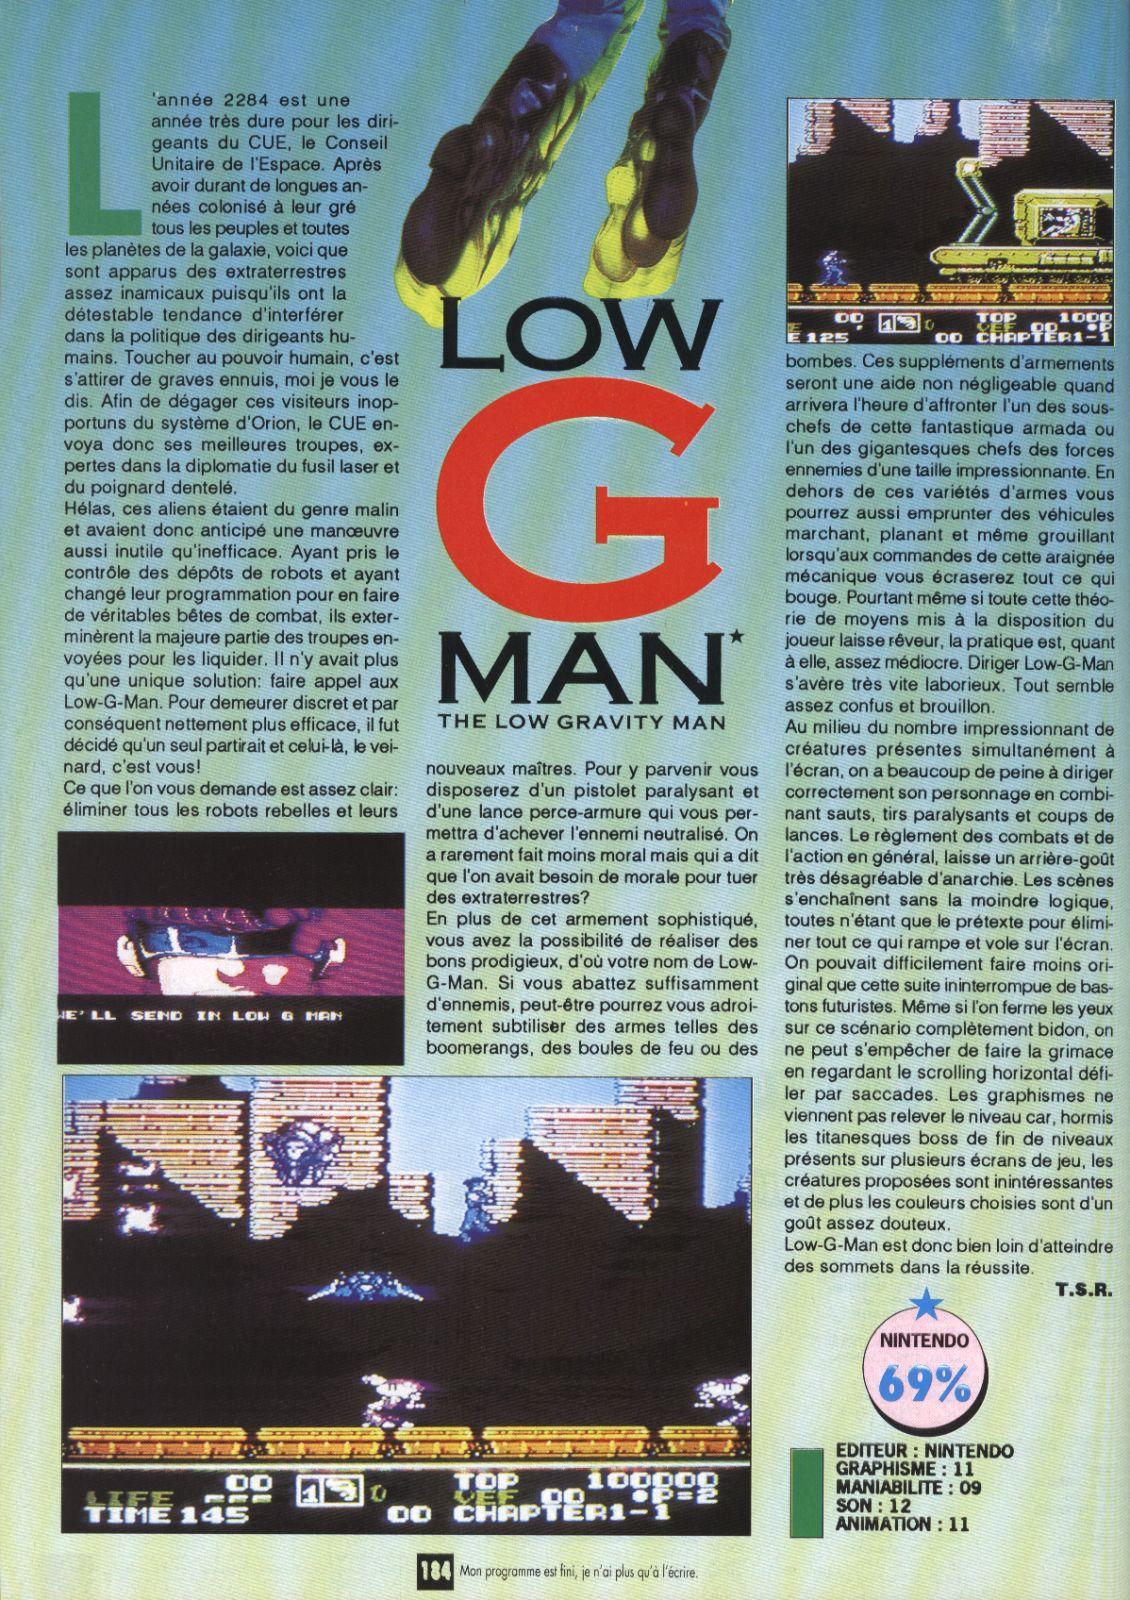 Low G Man #24